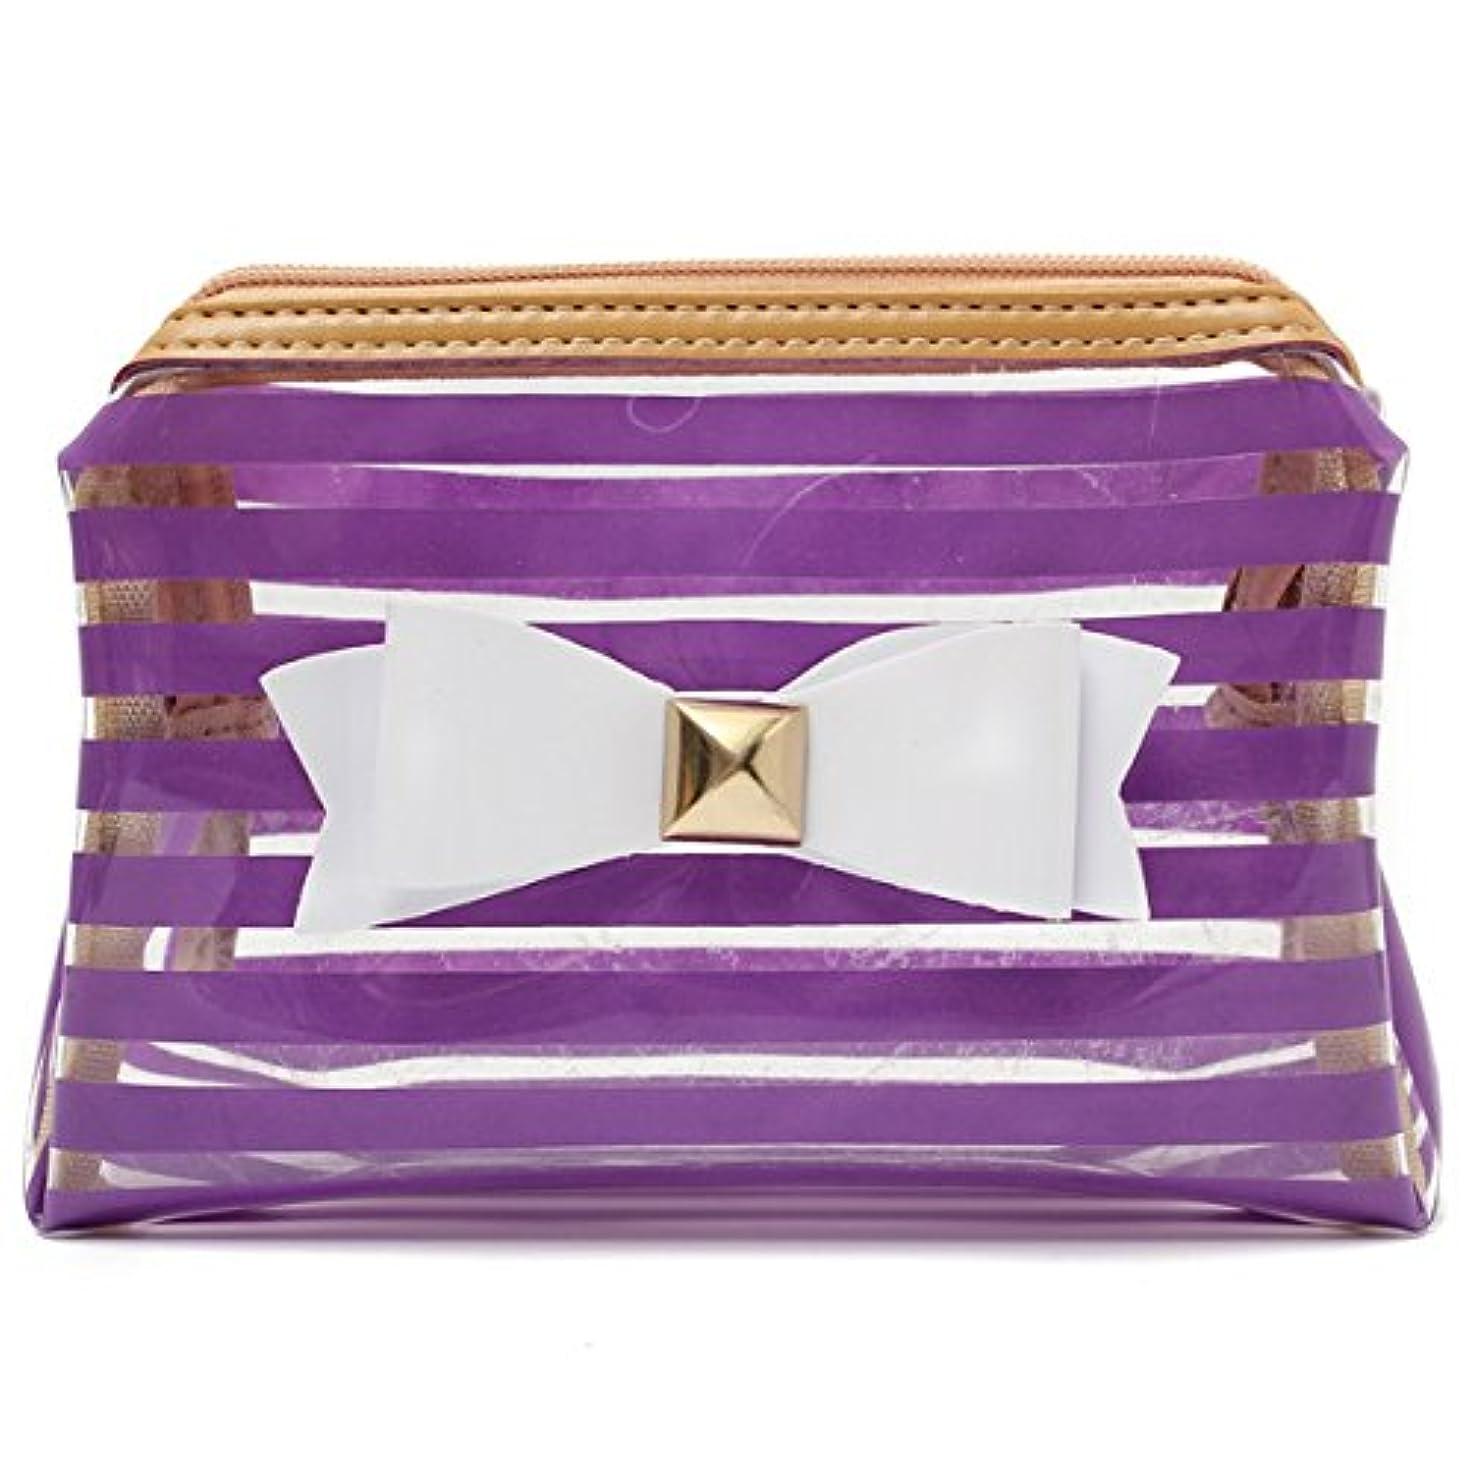 勤勉衣装パラダイスYZUEYT ストライプ透明な化粧品のバッグ旅行PVCボウタイはオーガナイザーケースを作る YZUEYT (Color : Color Purple Hippo)